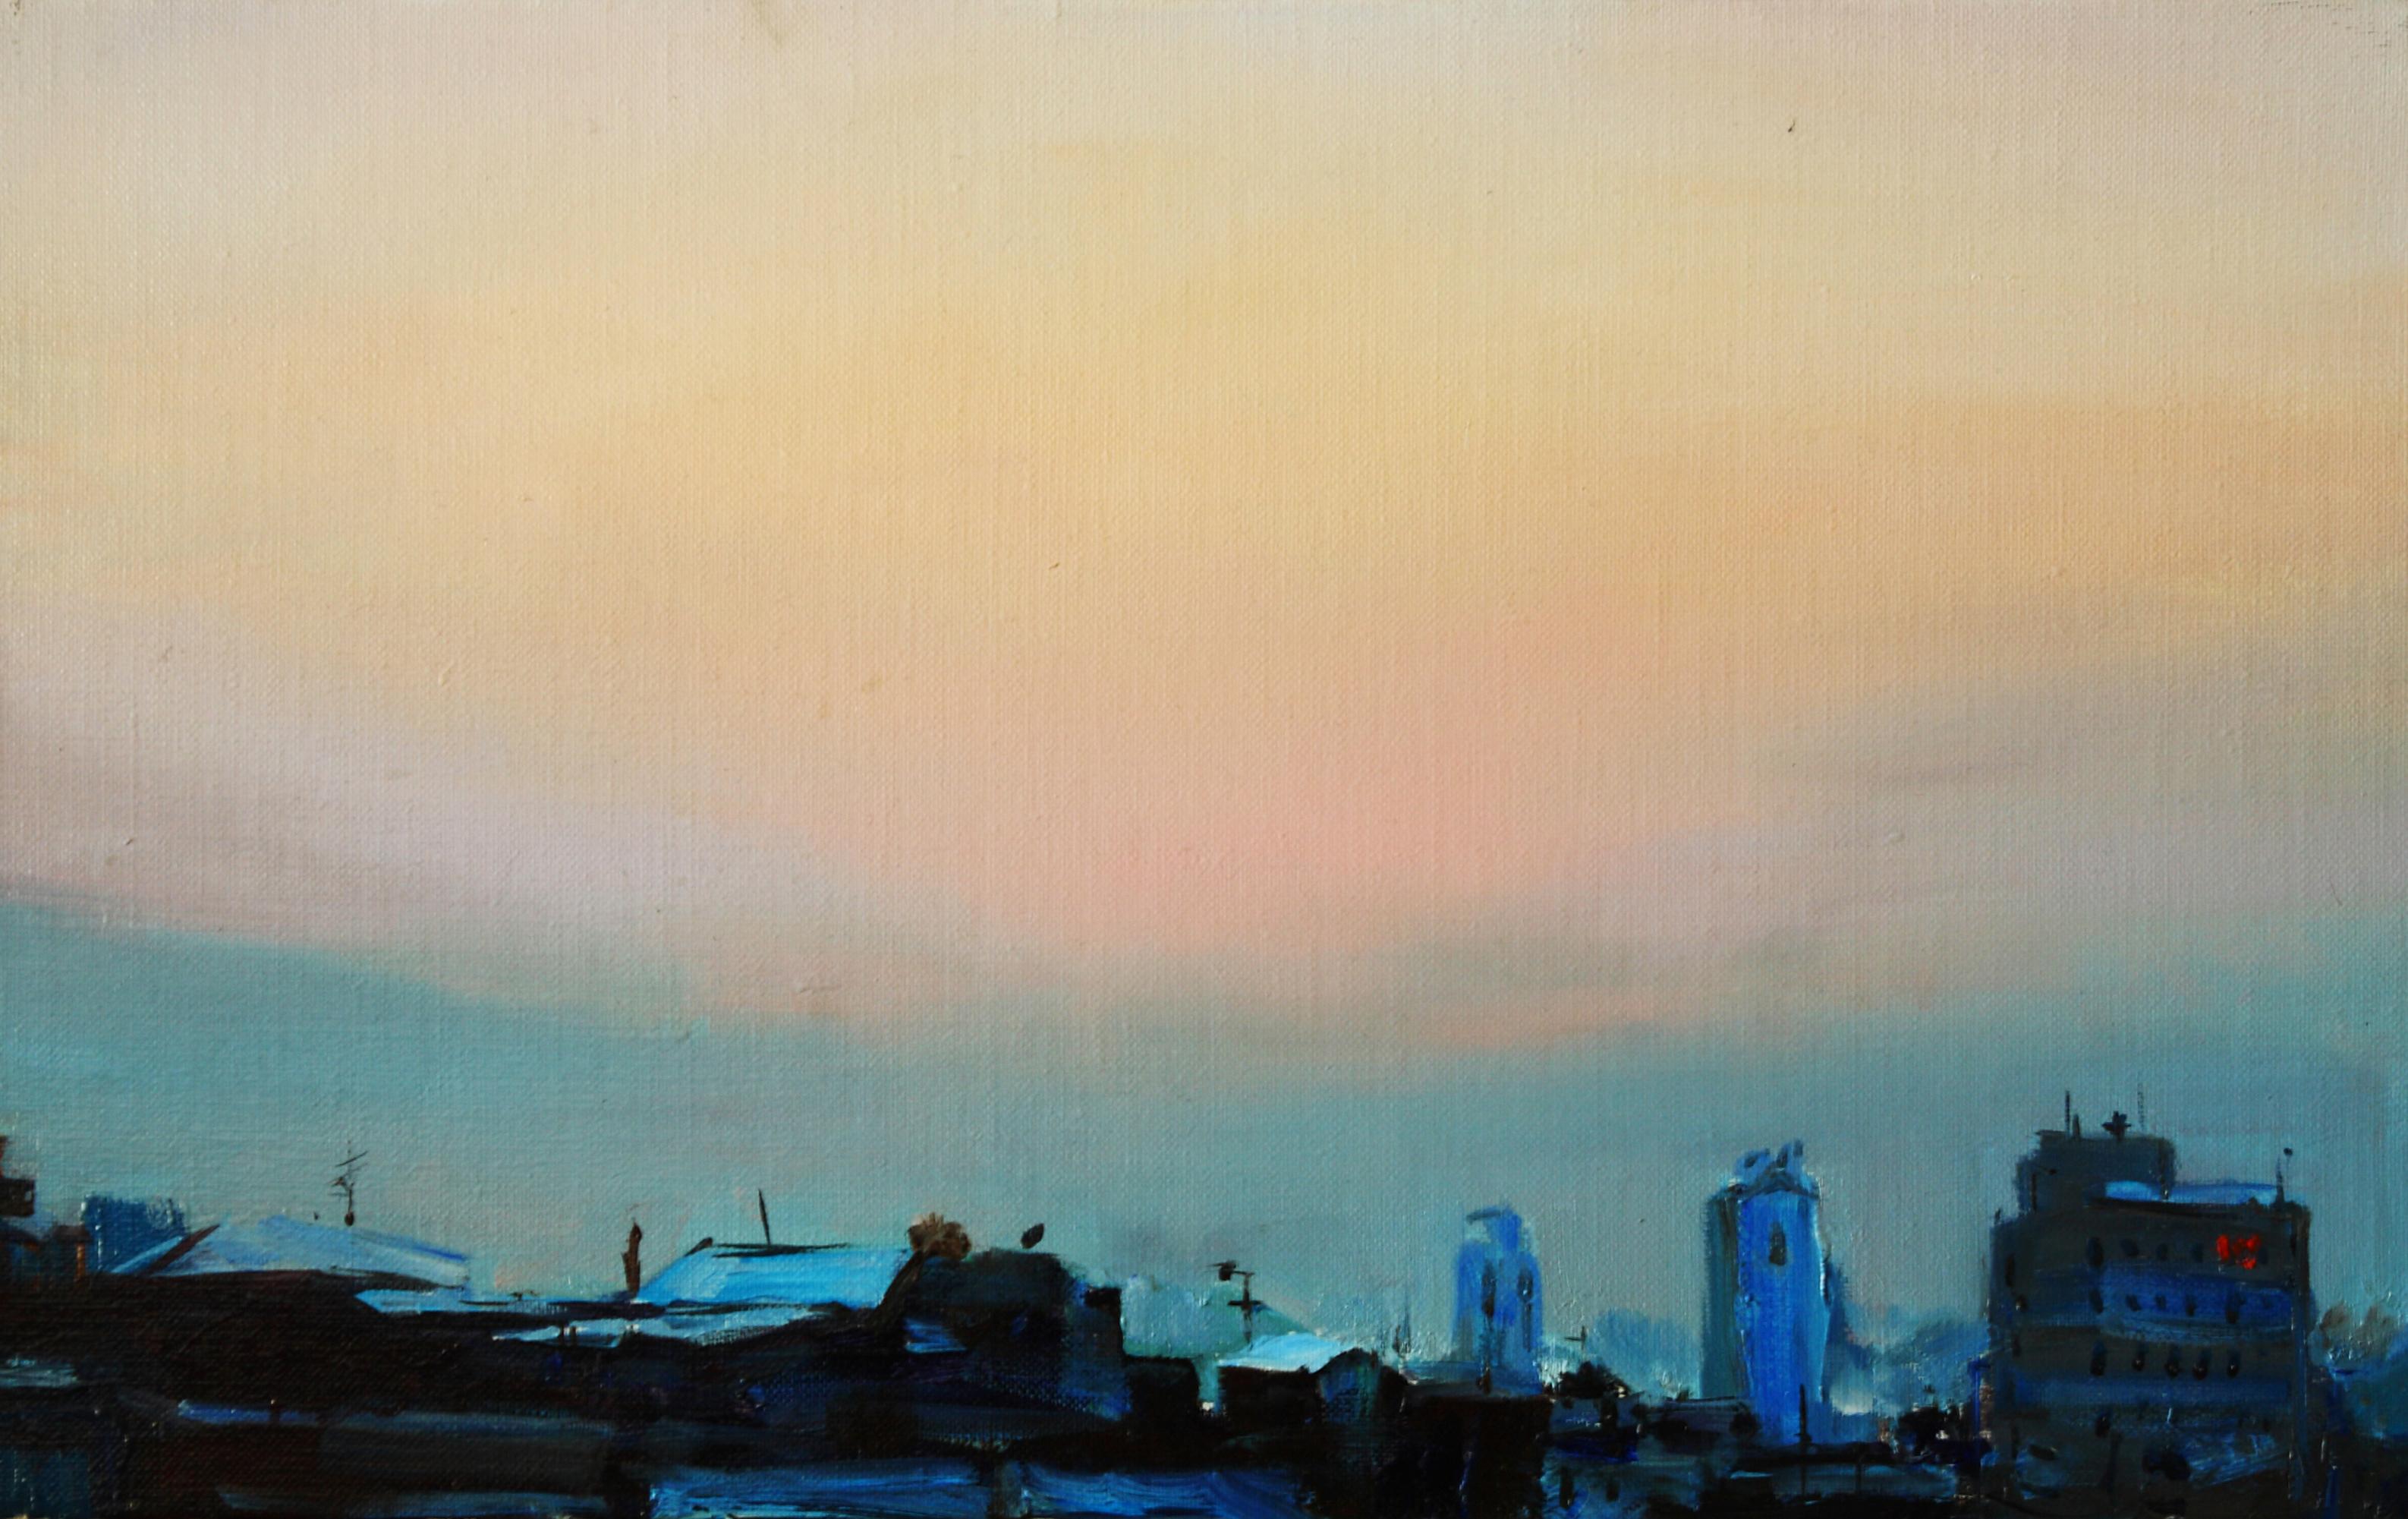 노을지는지붕 53 x33.4  Oil on canvas 2010